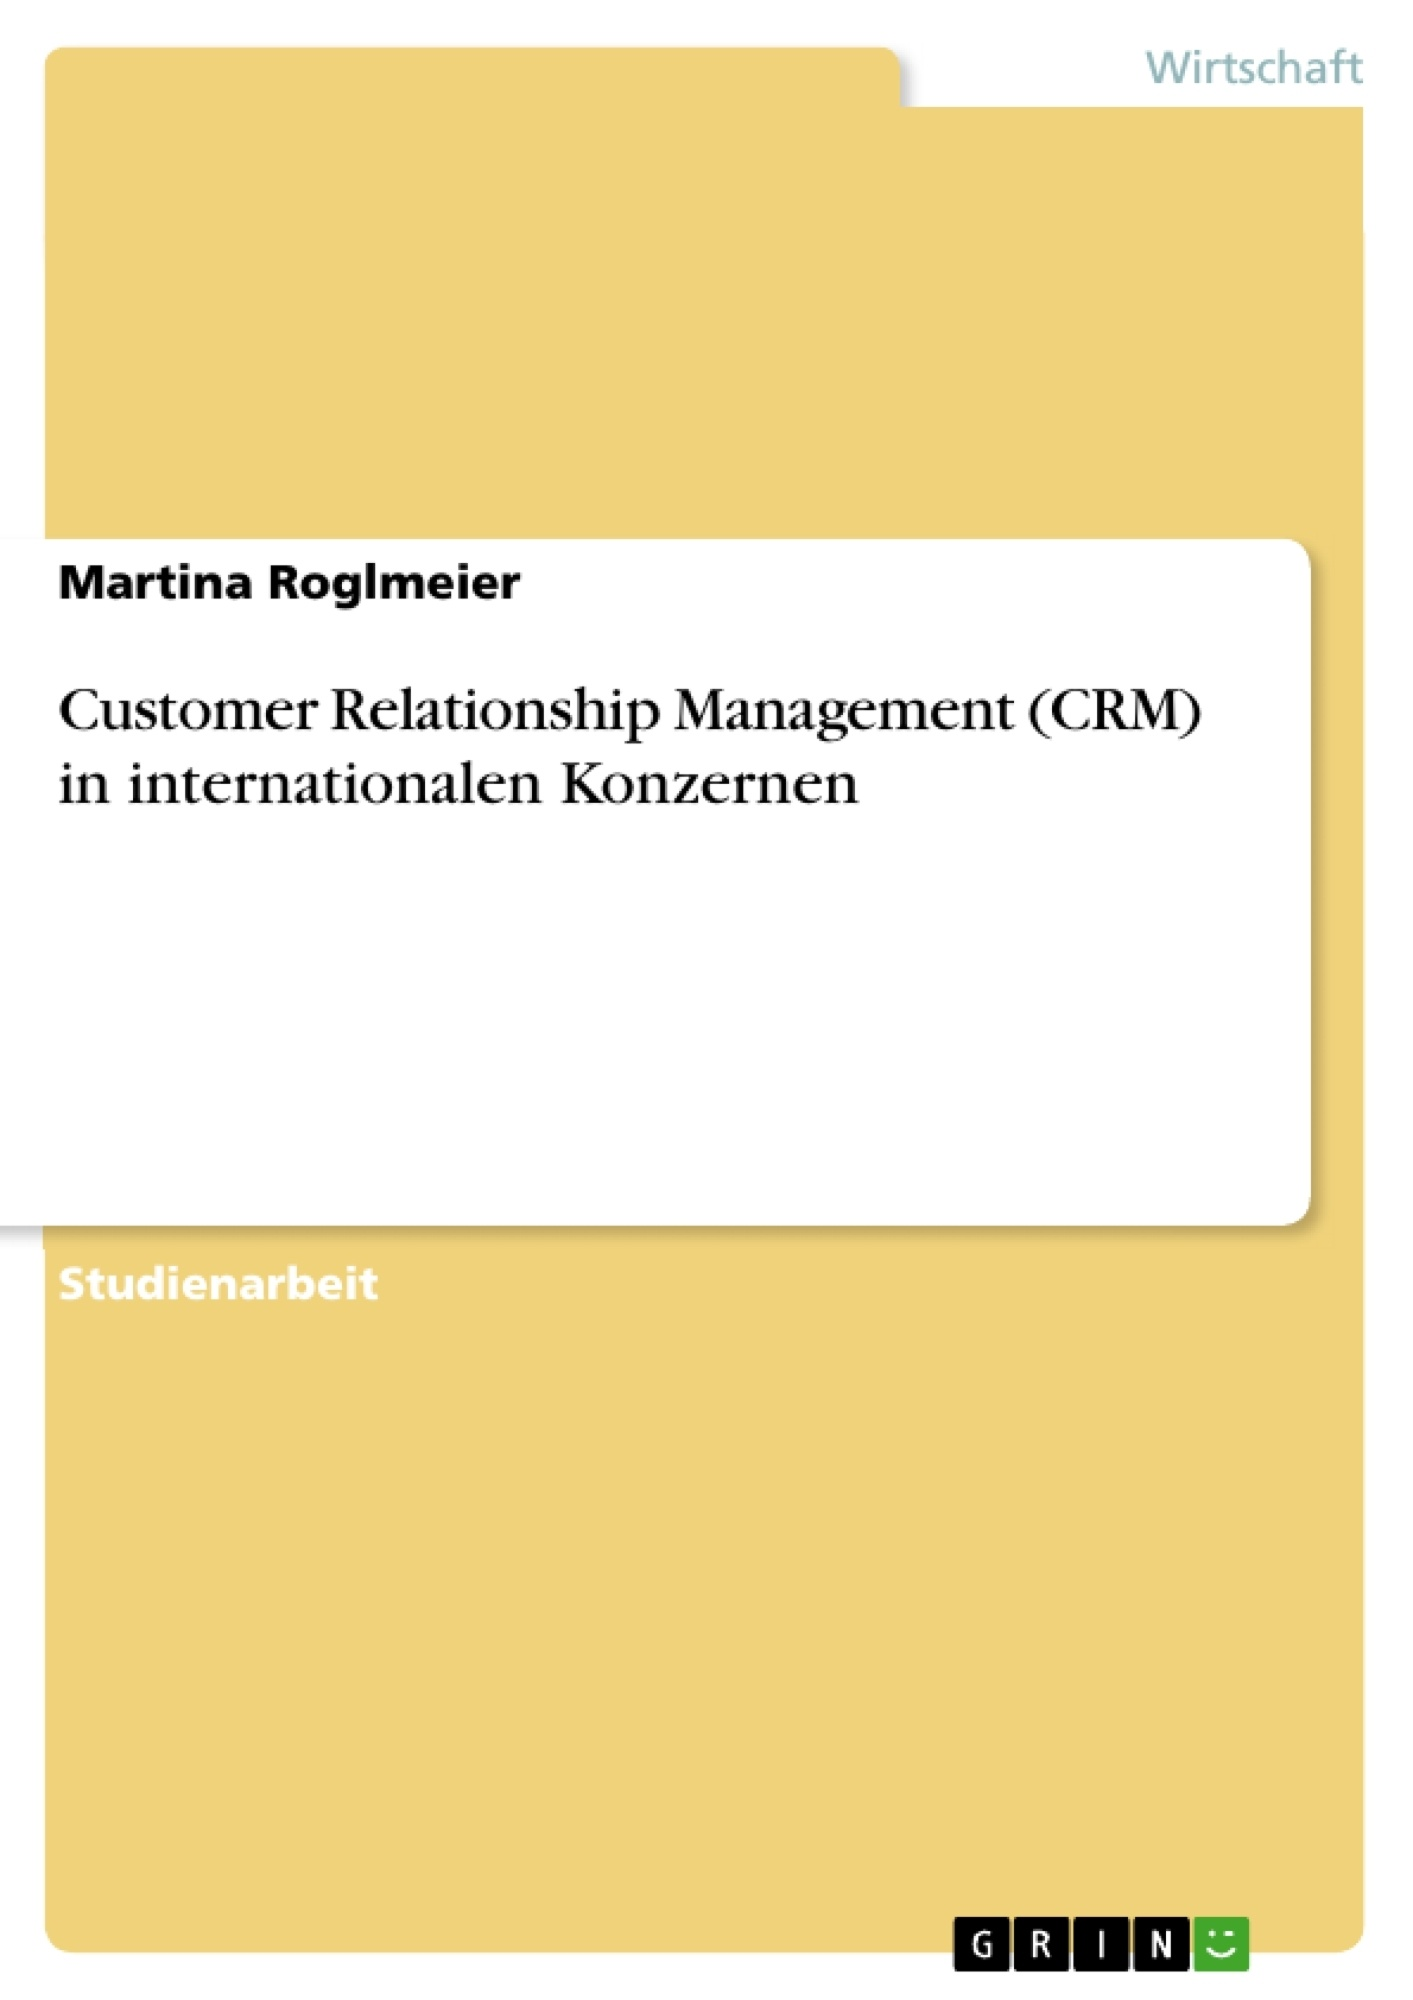 Titel: Customer Relationship Management (CRM) in internationalen Konzernen